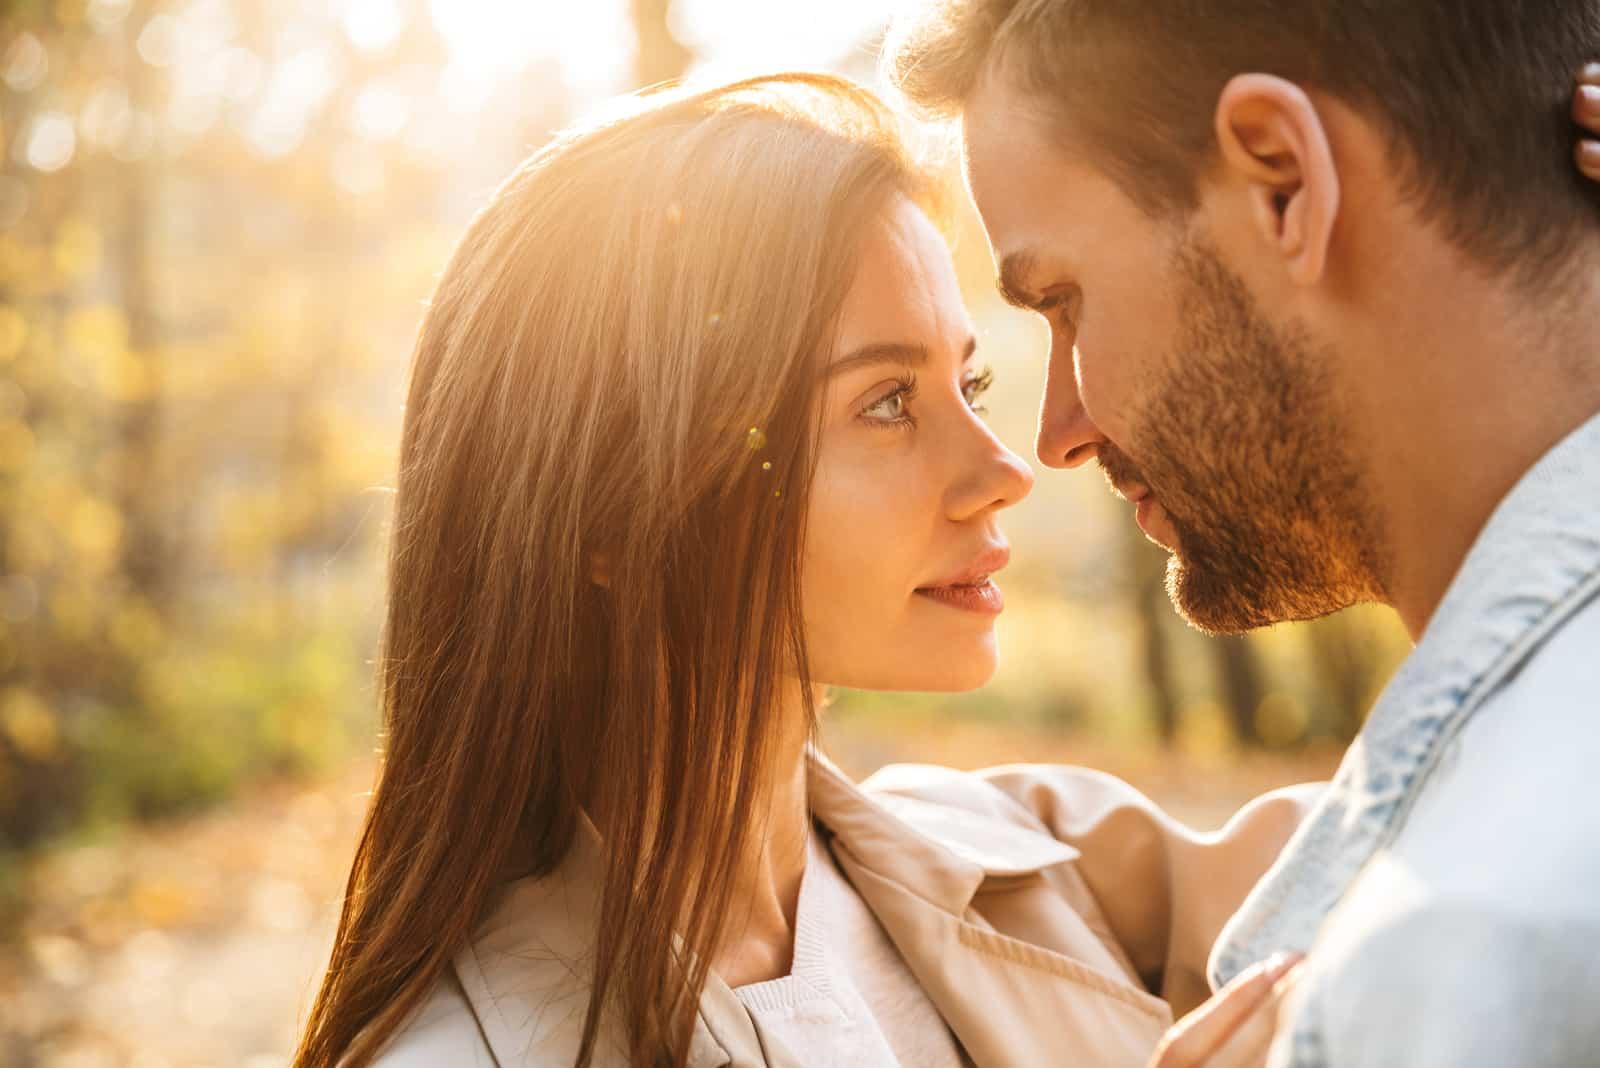 schönes junges glückliches Paar in der Umarmung